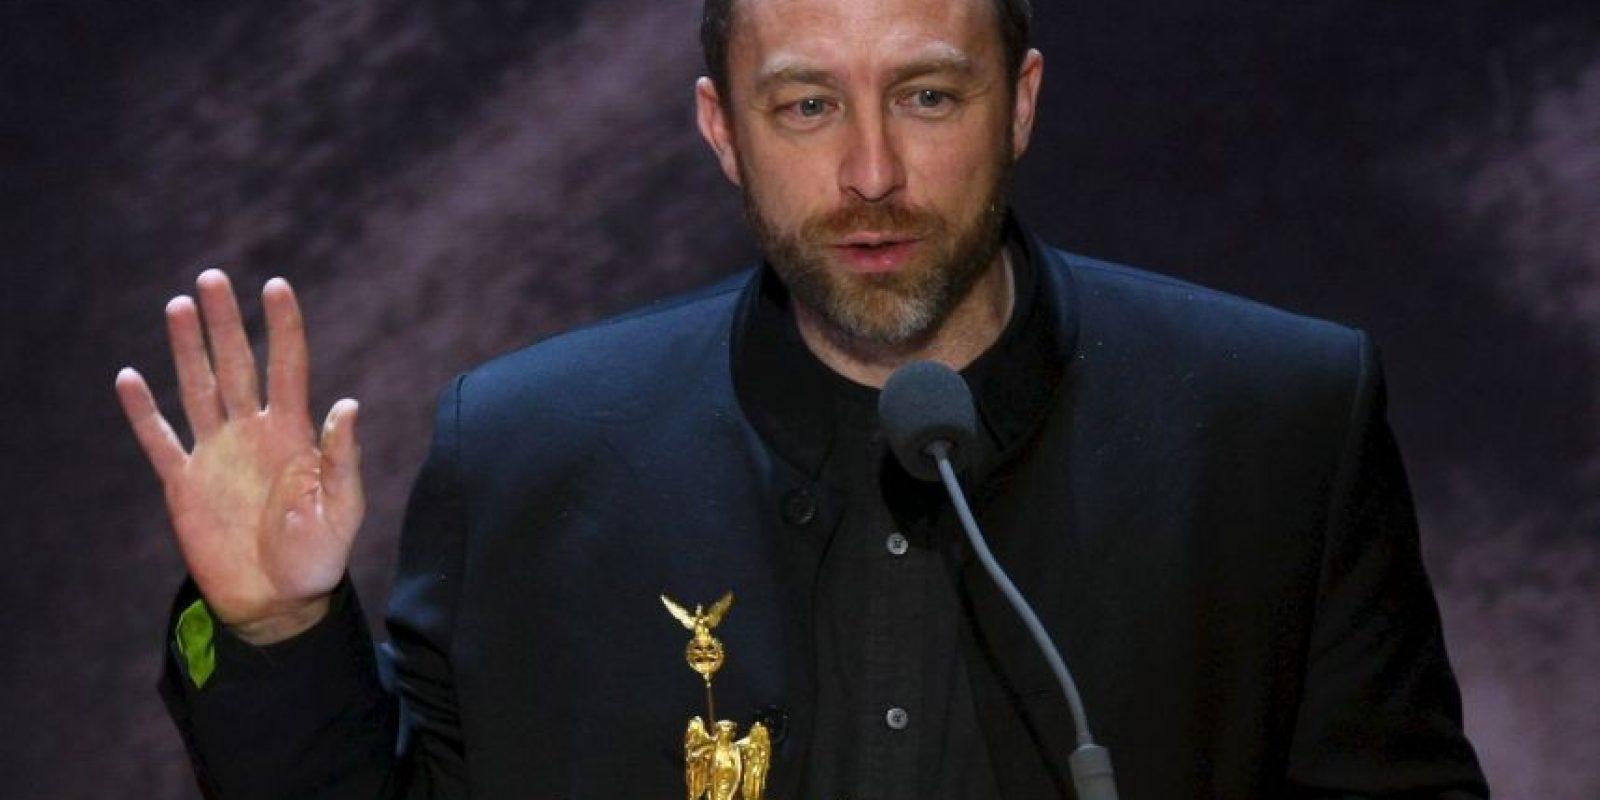 5. Fue fundada por Jimmy Wales en el año 2001 Foto:Getty Images